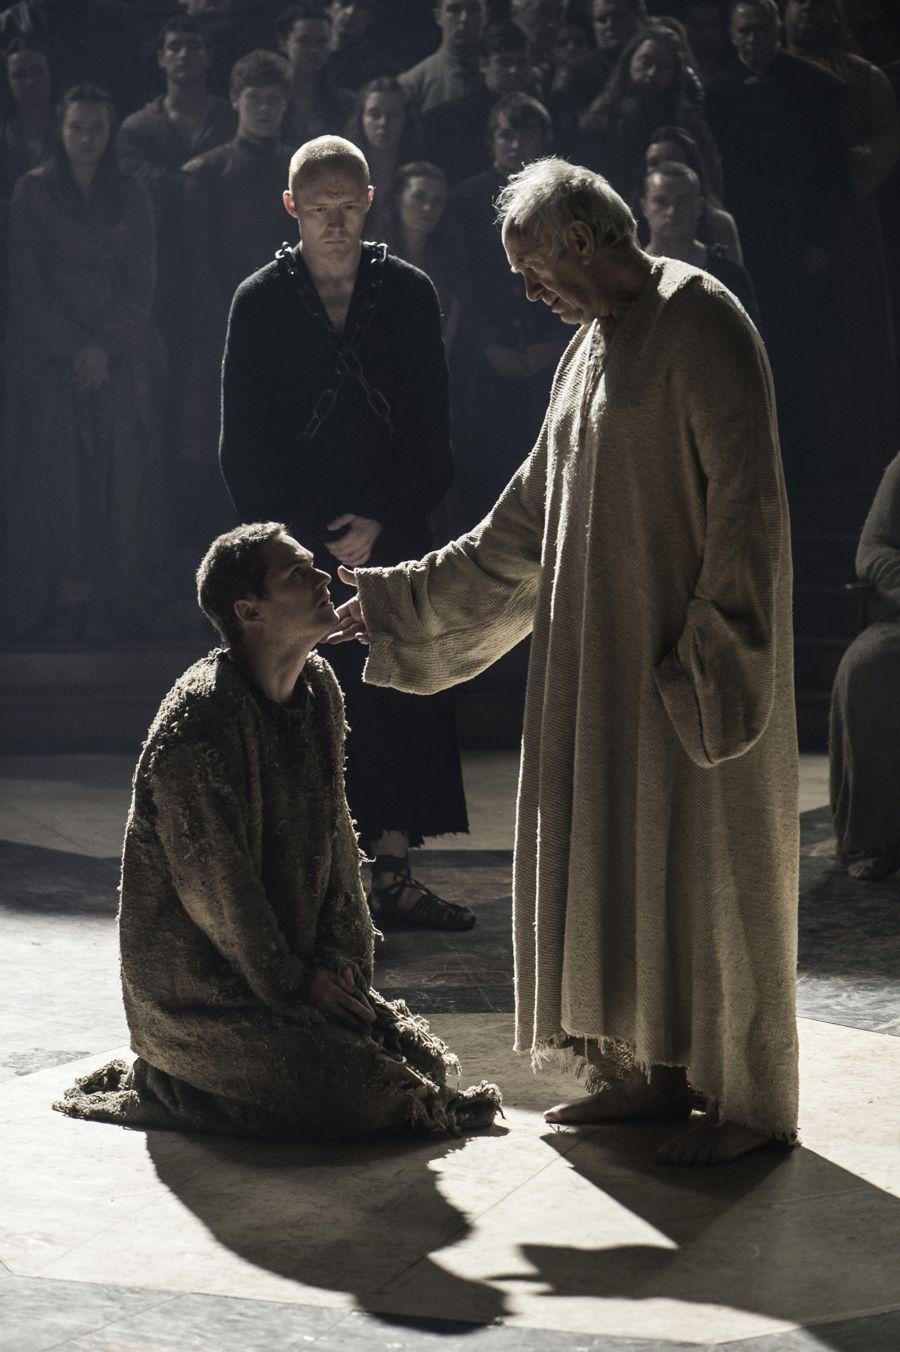 Game Of Thrones Season 6 Episode 10 Photos-6